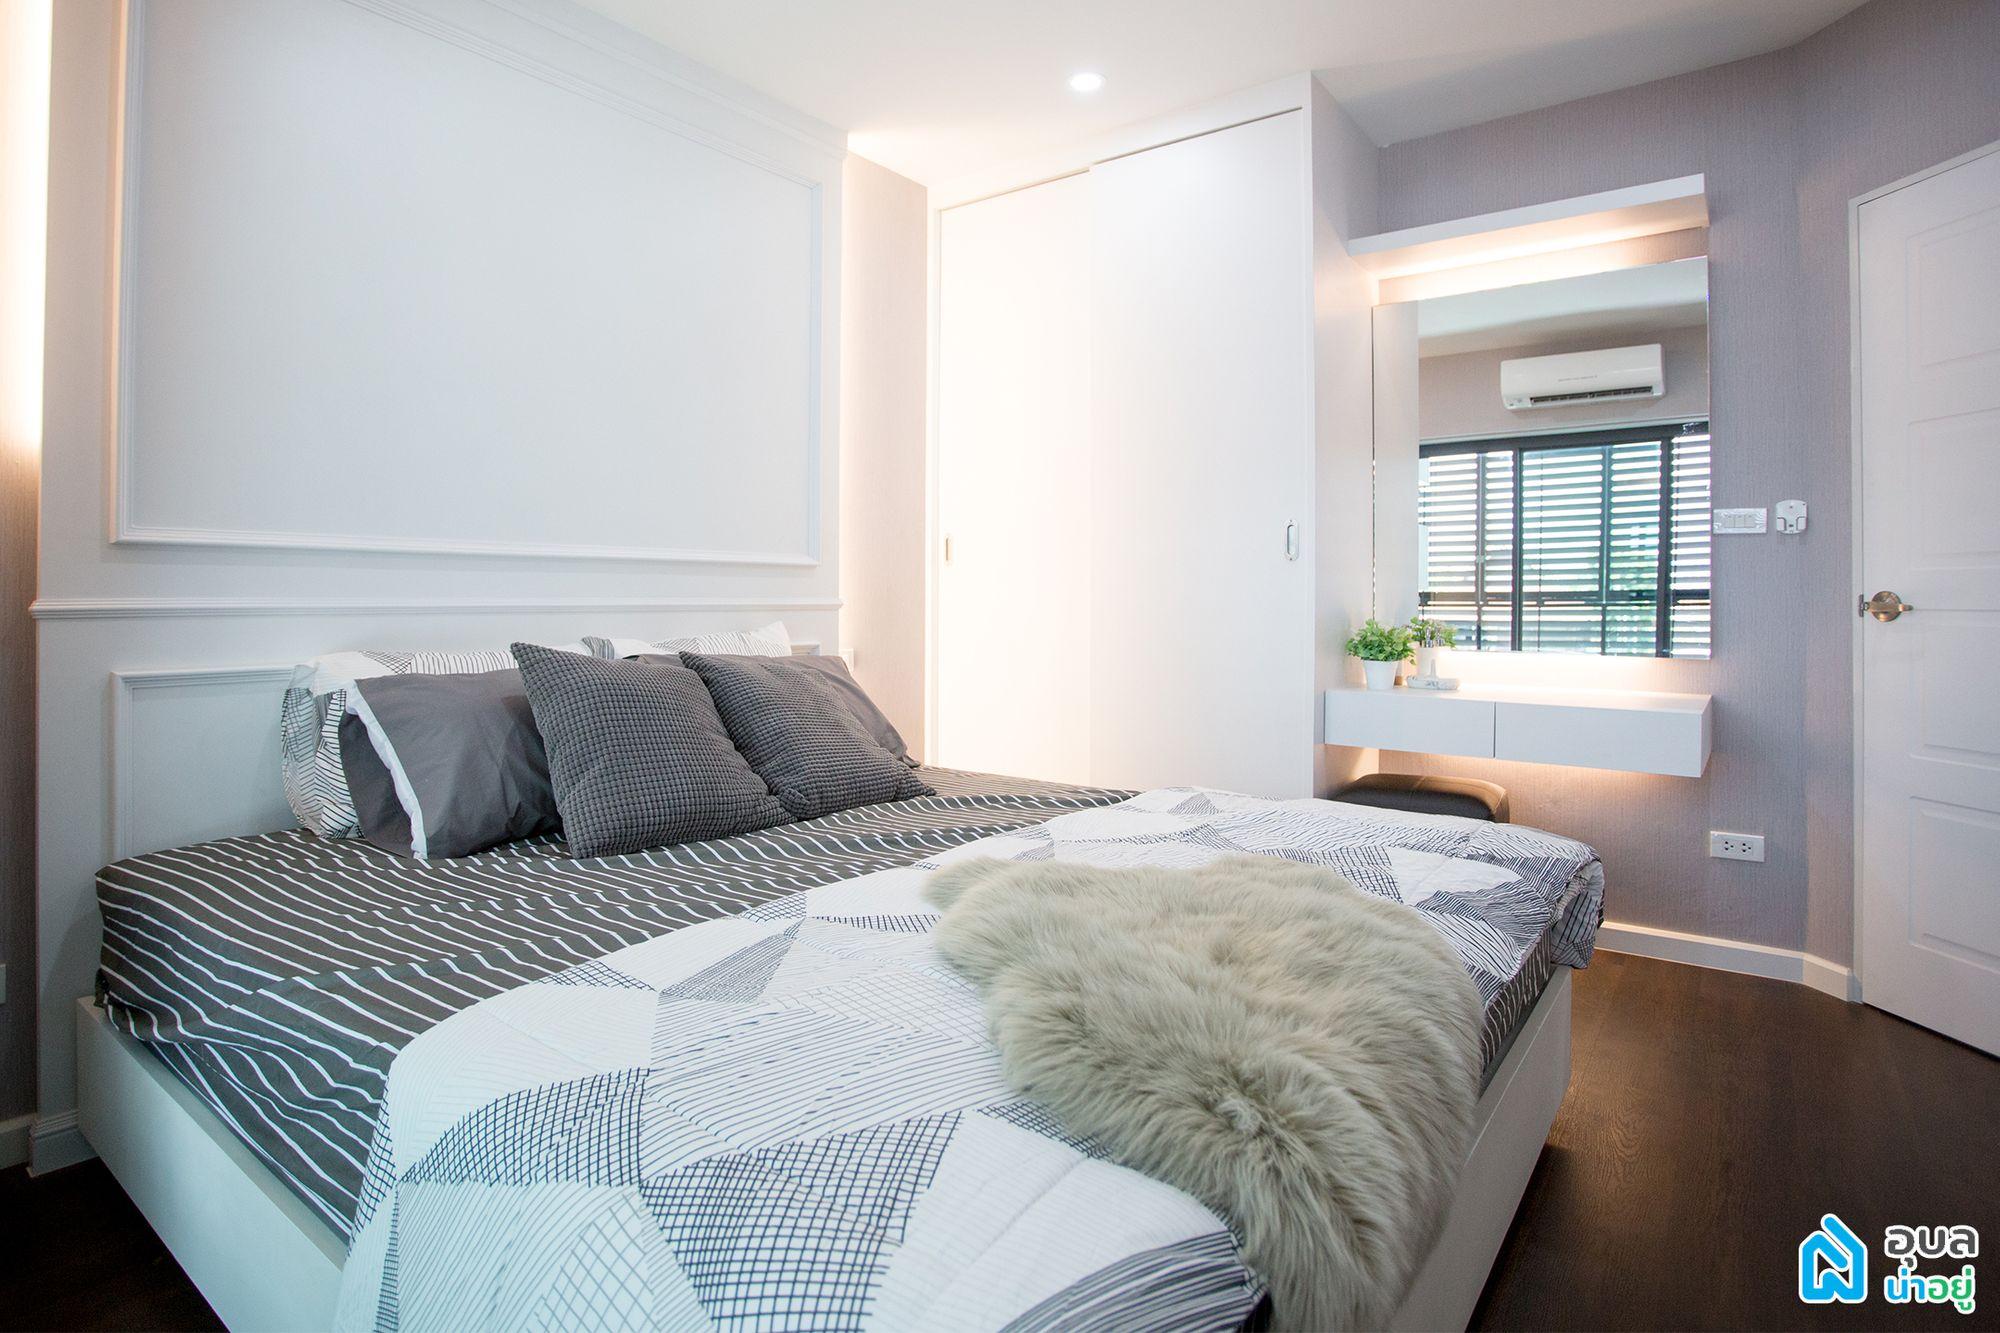 Penta P Residence - ห้องนอน 1 Bedroom Suite